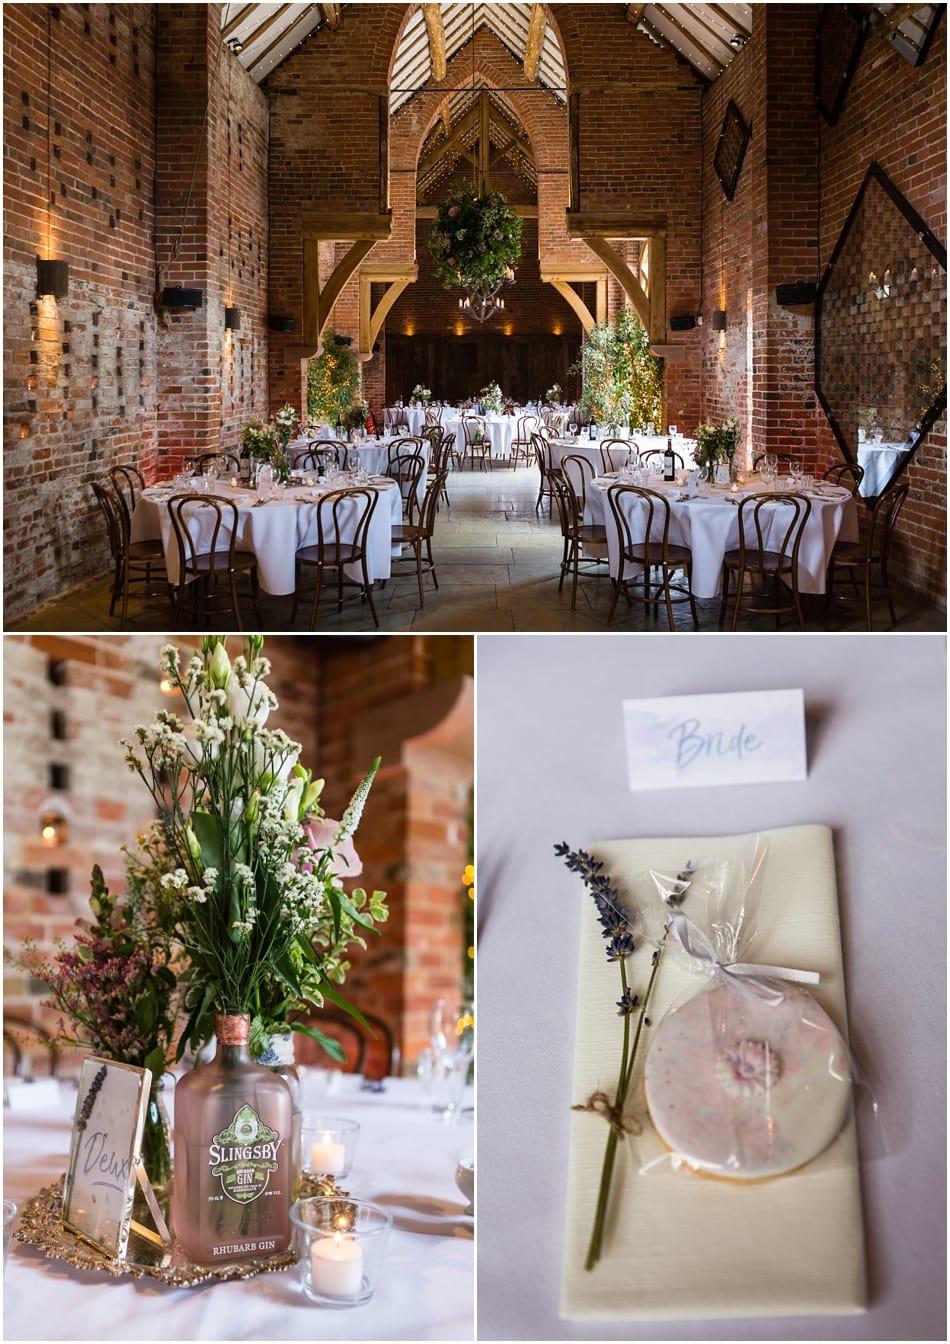 Shustoke Barn wedding photos